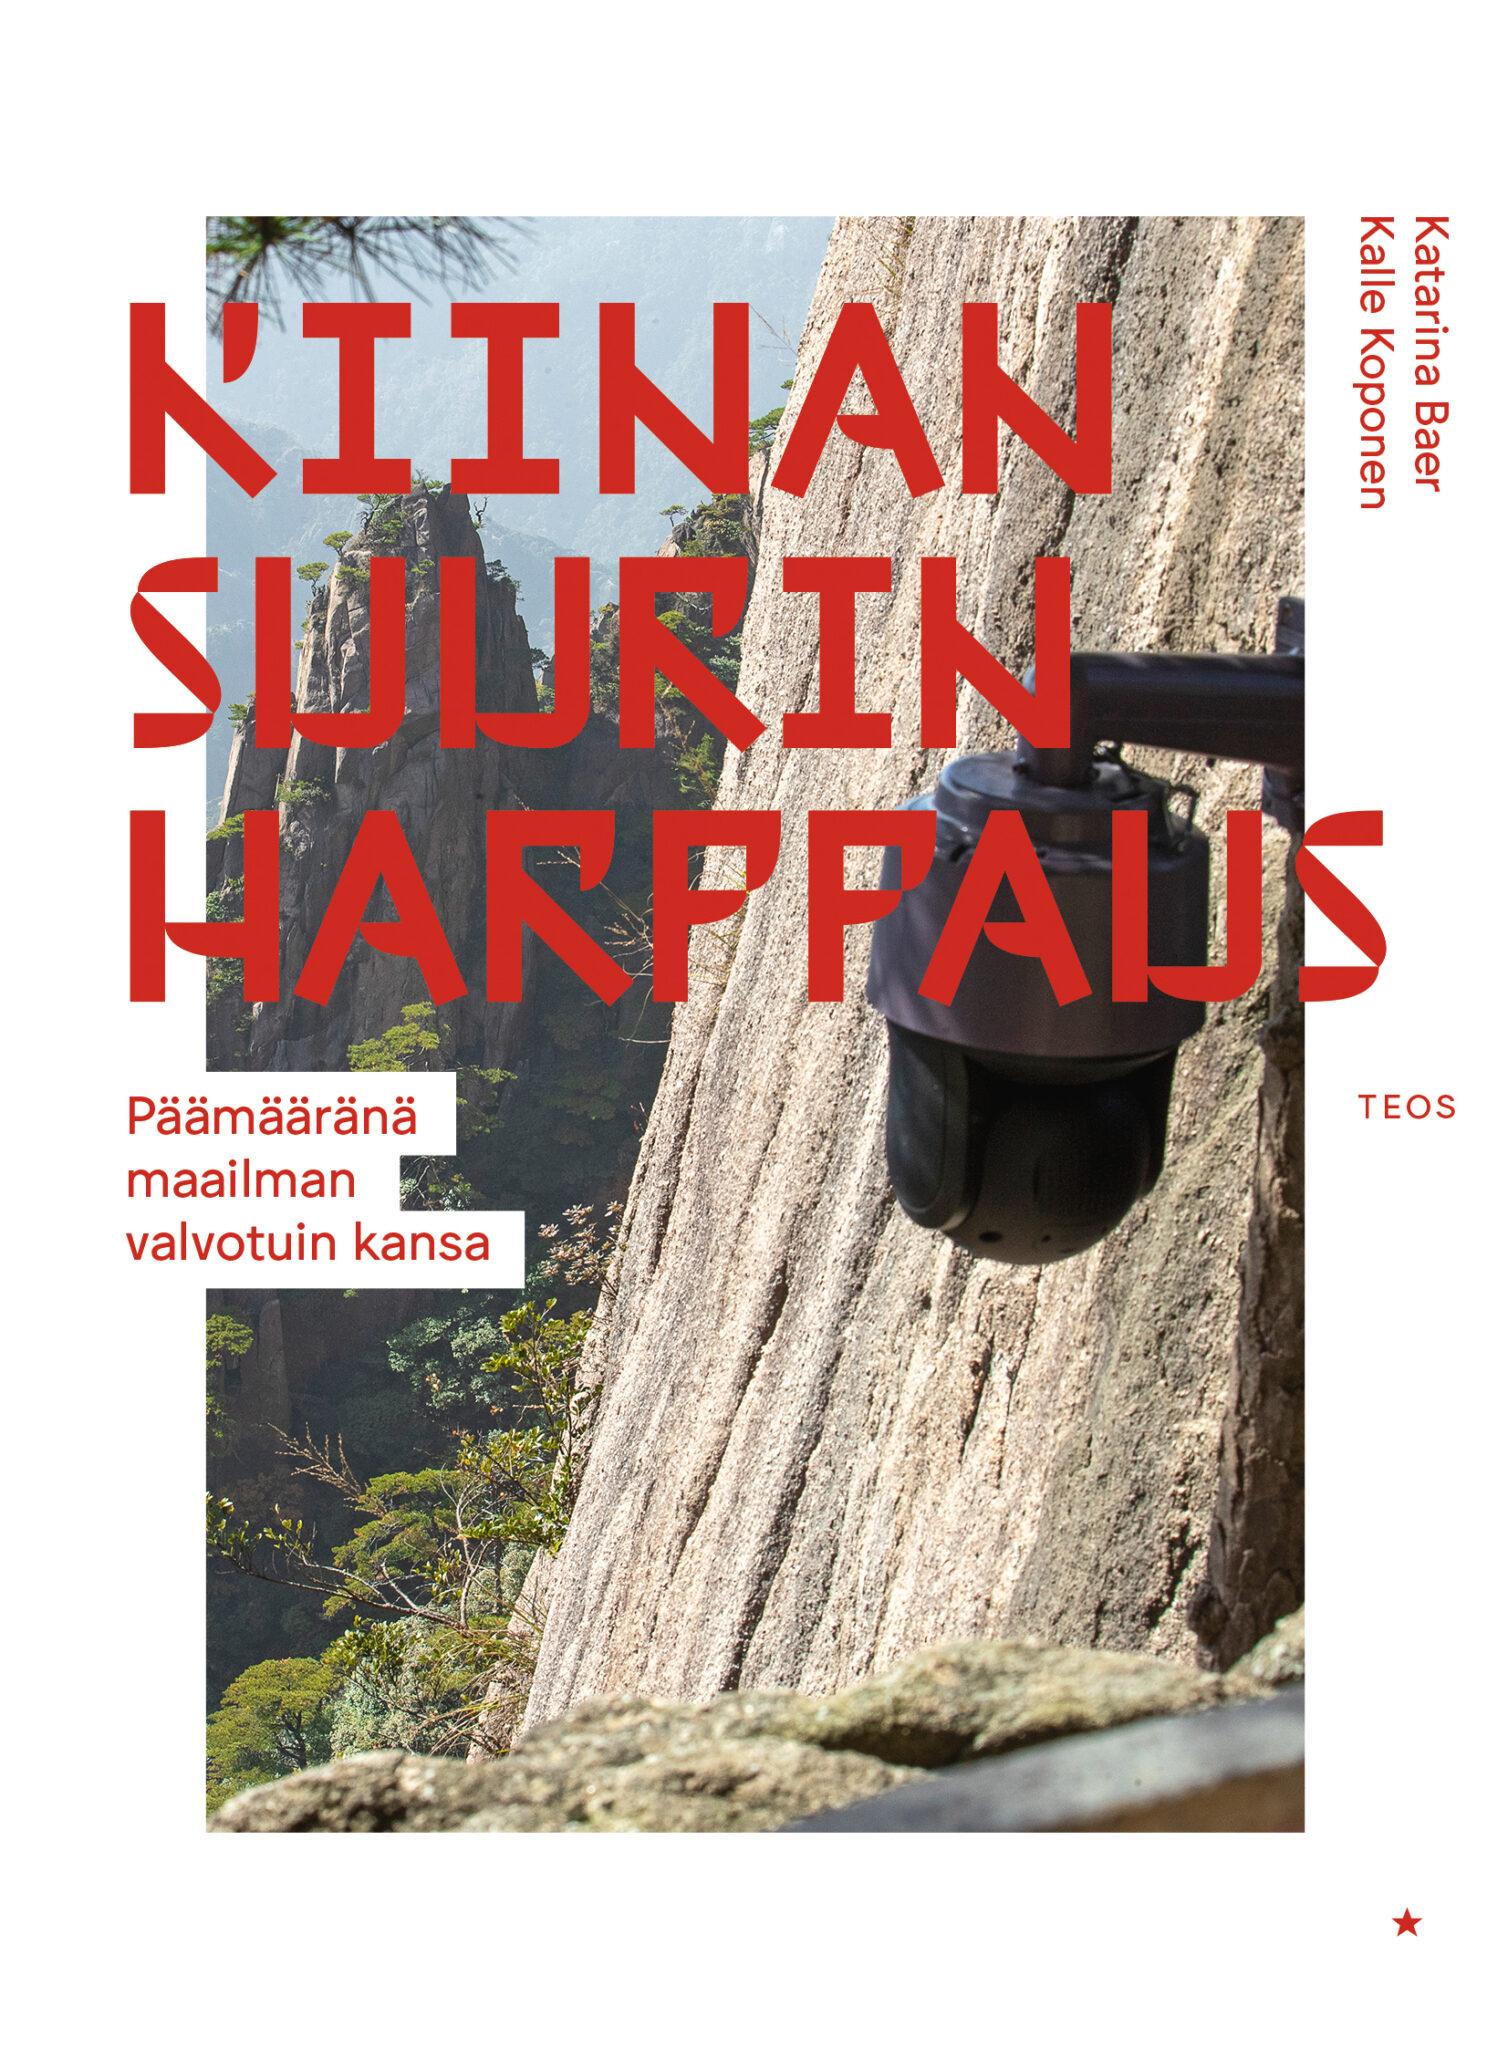 Kirjan kansi, kuvassa vuoristoa, metsää ja etualalla valvontakamera.